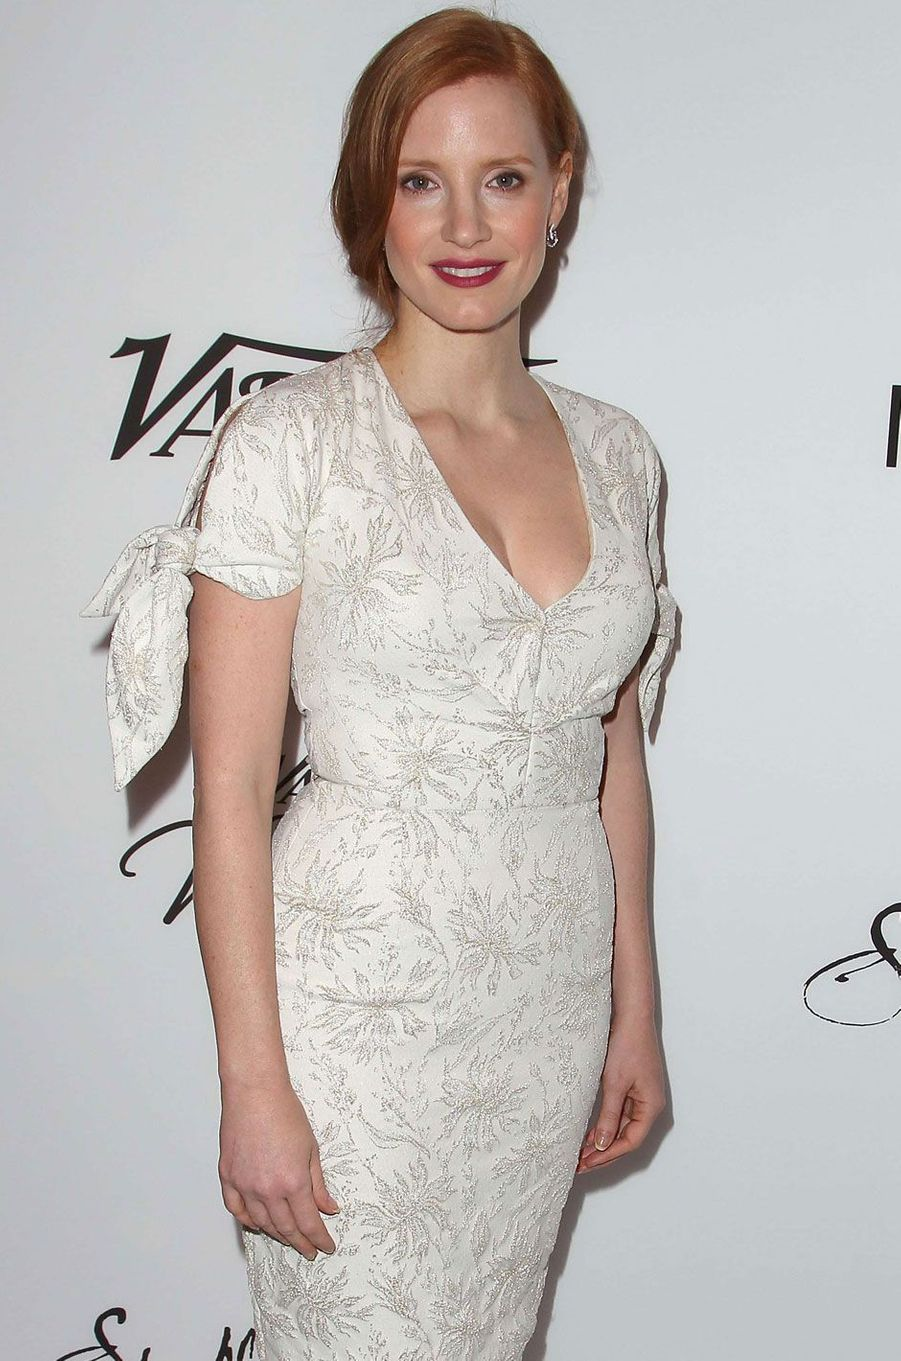 Jessica Chastain ravissante en robe blanche.